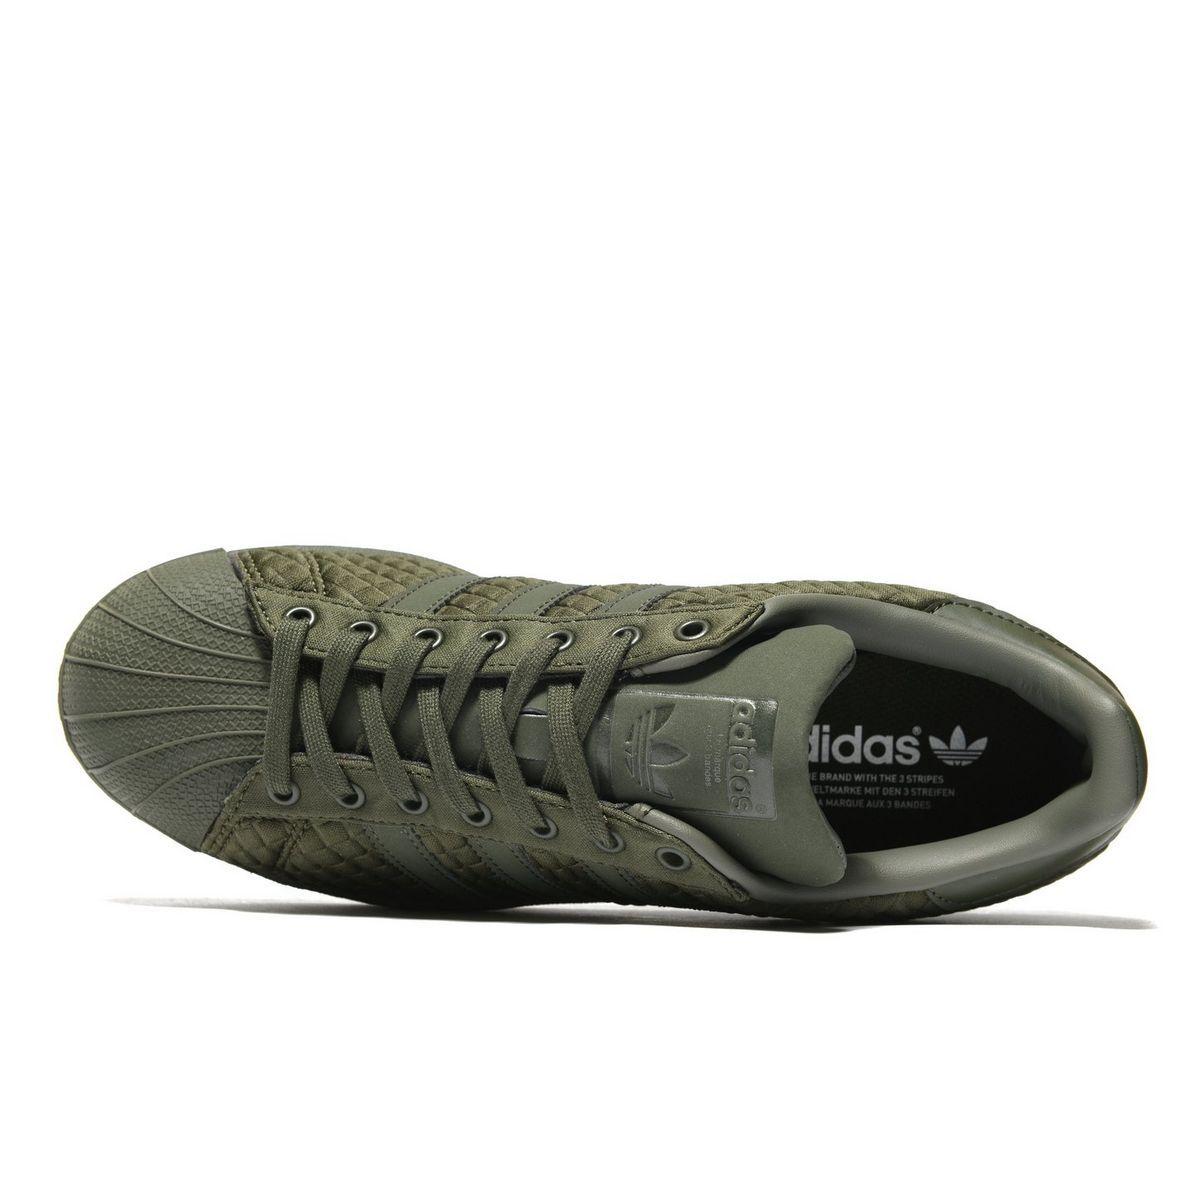 Adidas Originals Quilt.Adidas Originals Superstar Quilt Adidas Adidas Adidas